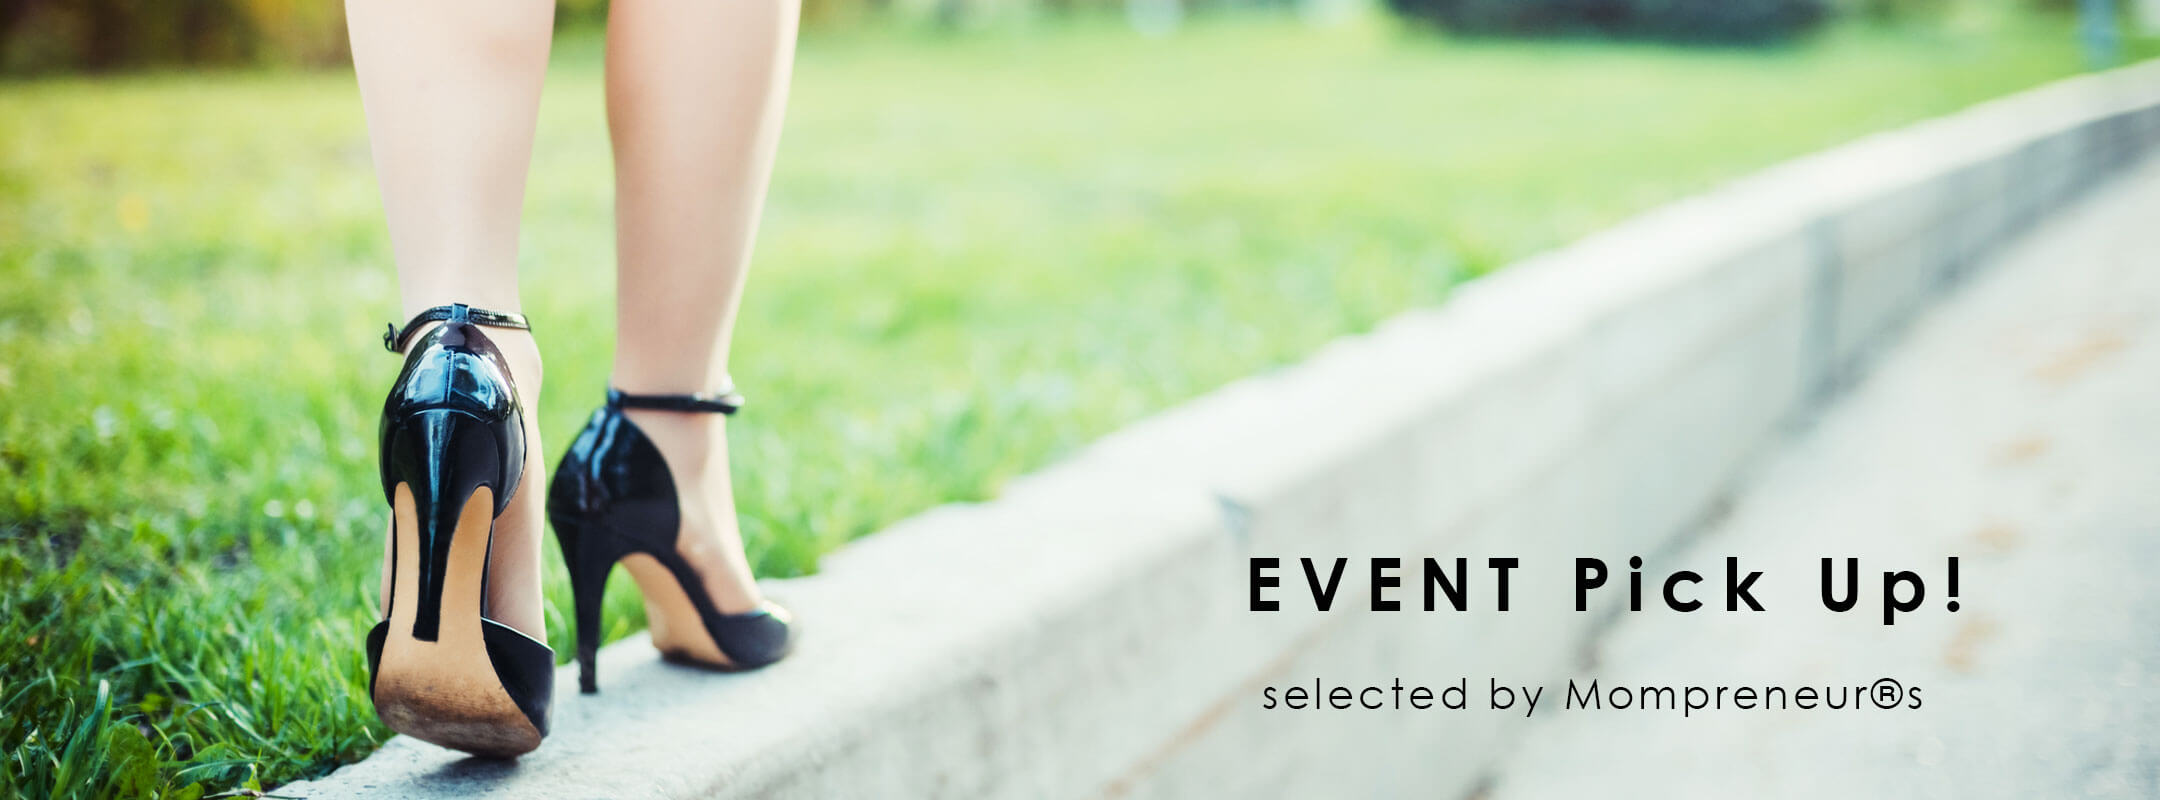 [EVENT Pick Up !]ママプレナーズオススメの、5月開催イベントをご紹介!vol.2